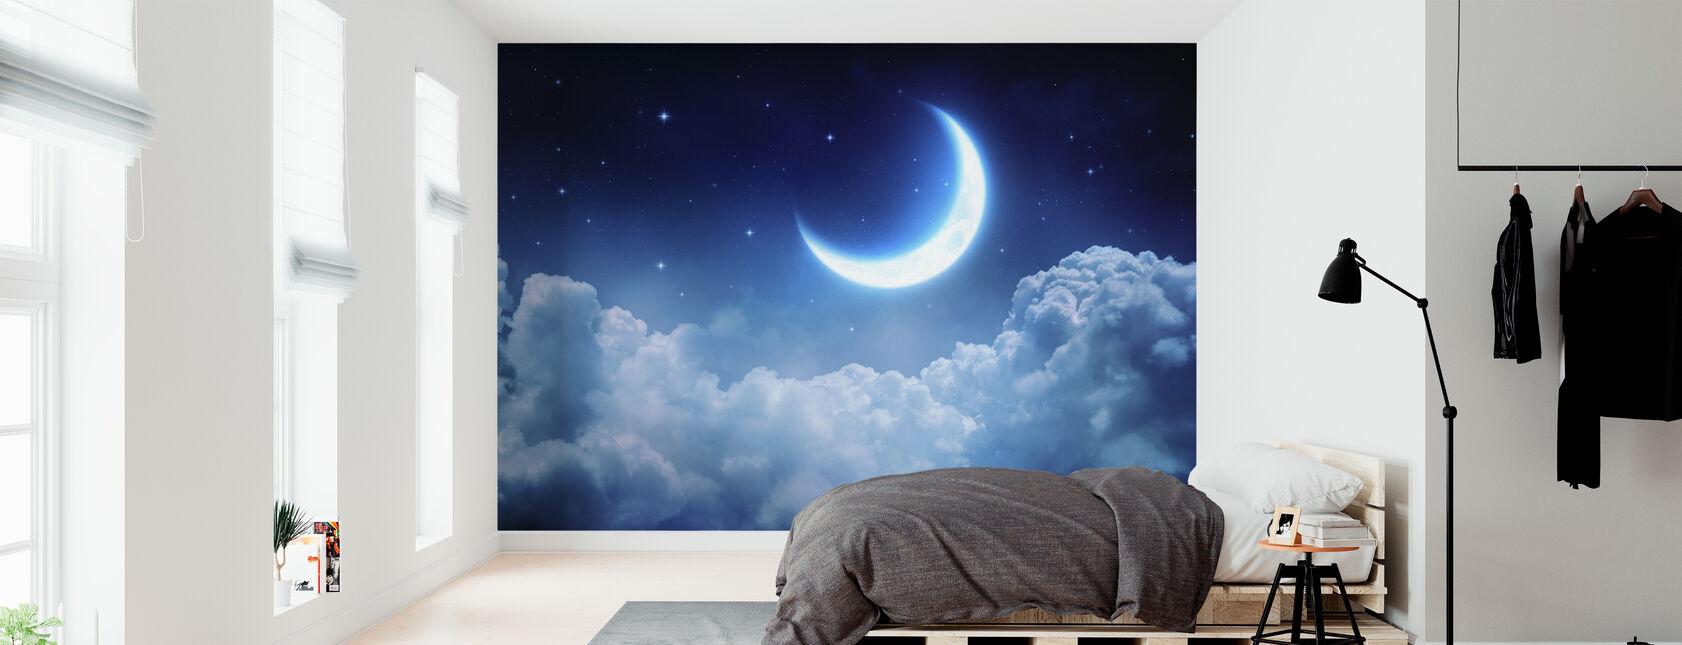 drøm utsikt månen - Tapet - Soverom